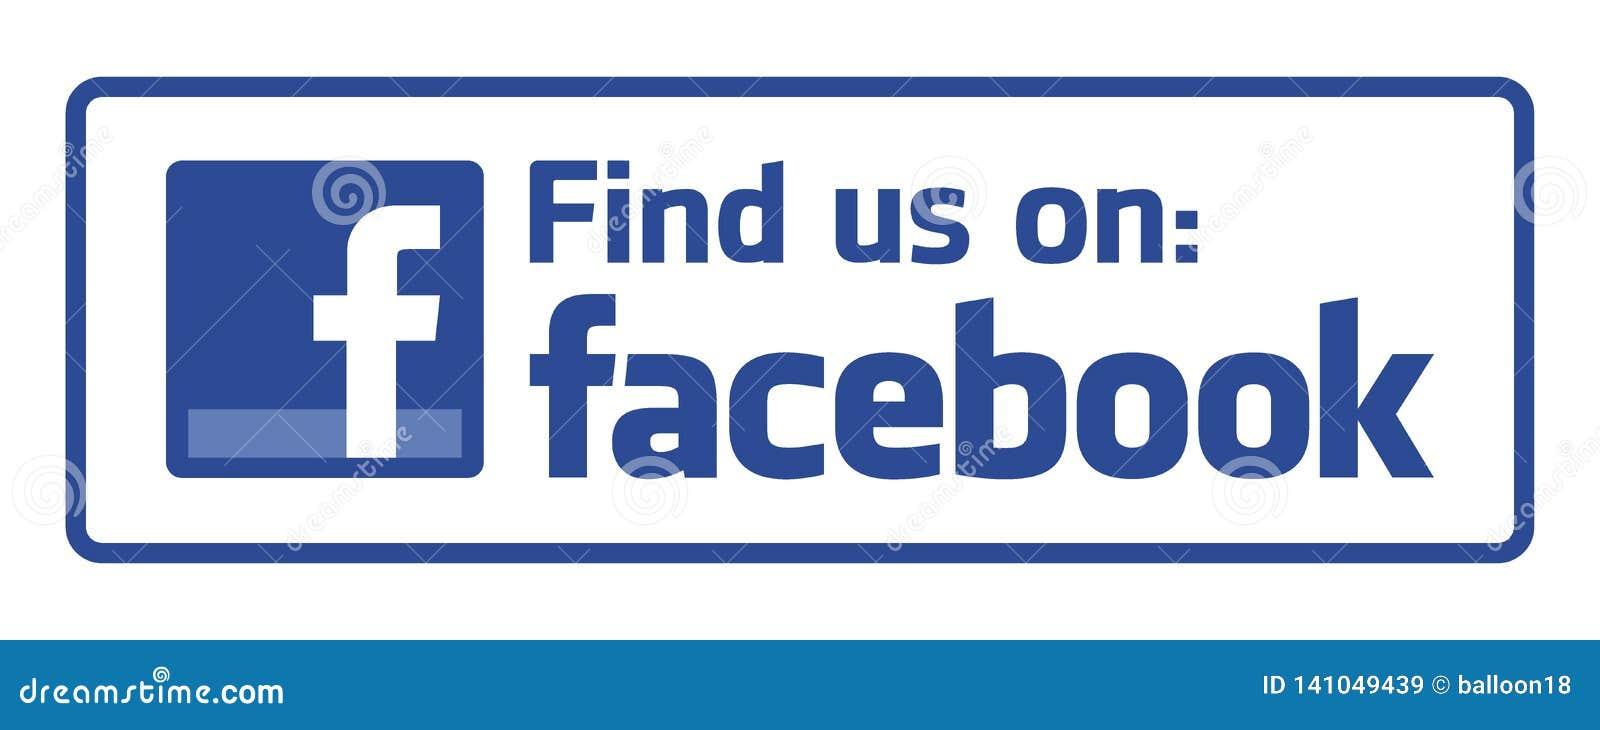 Finna oss på Facebook